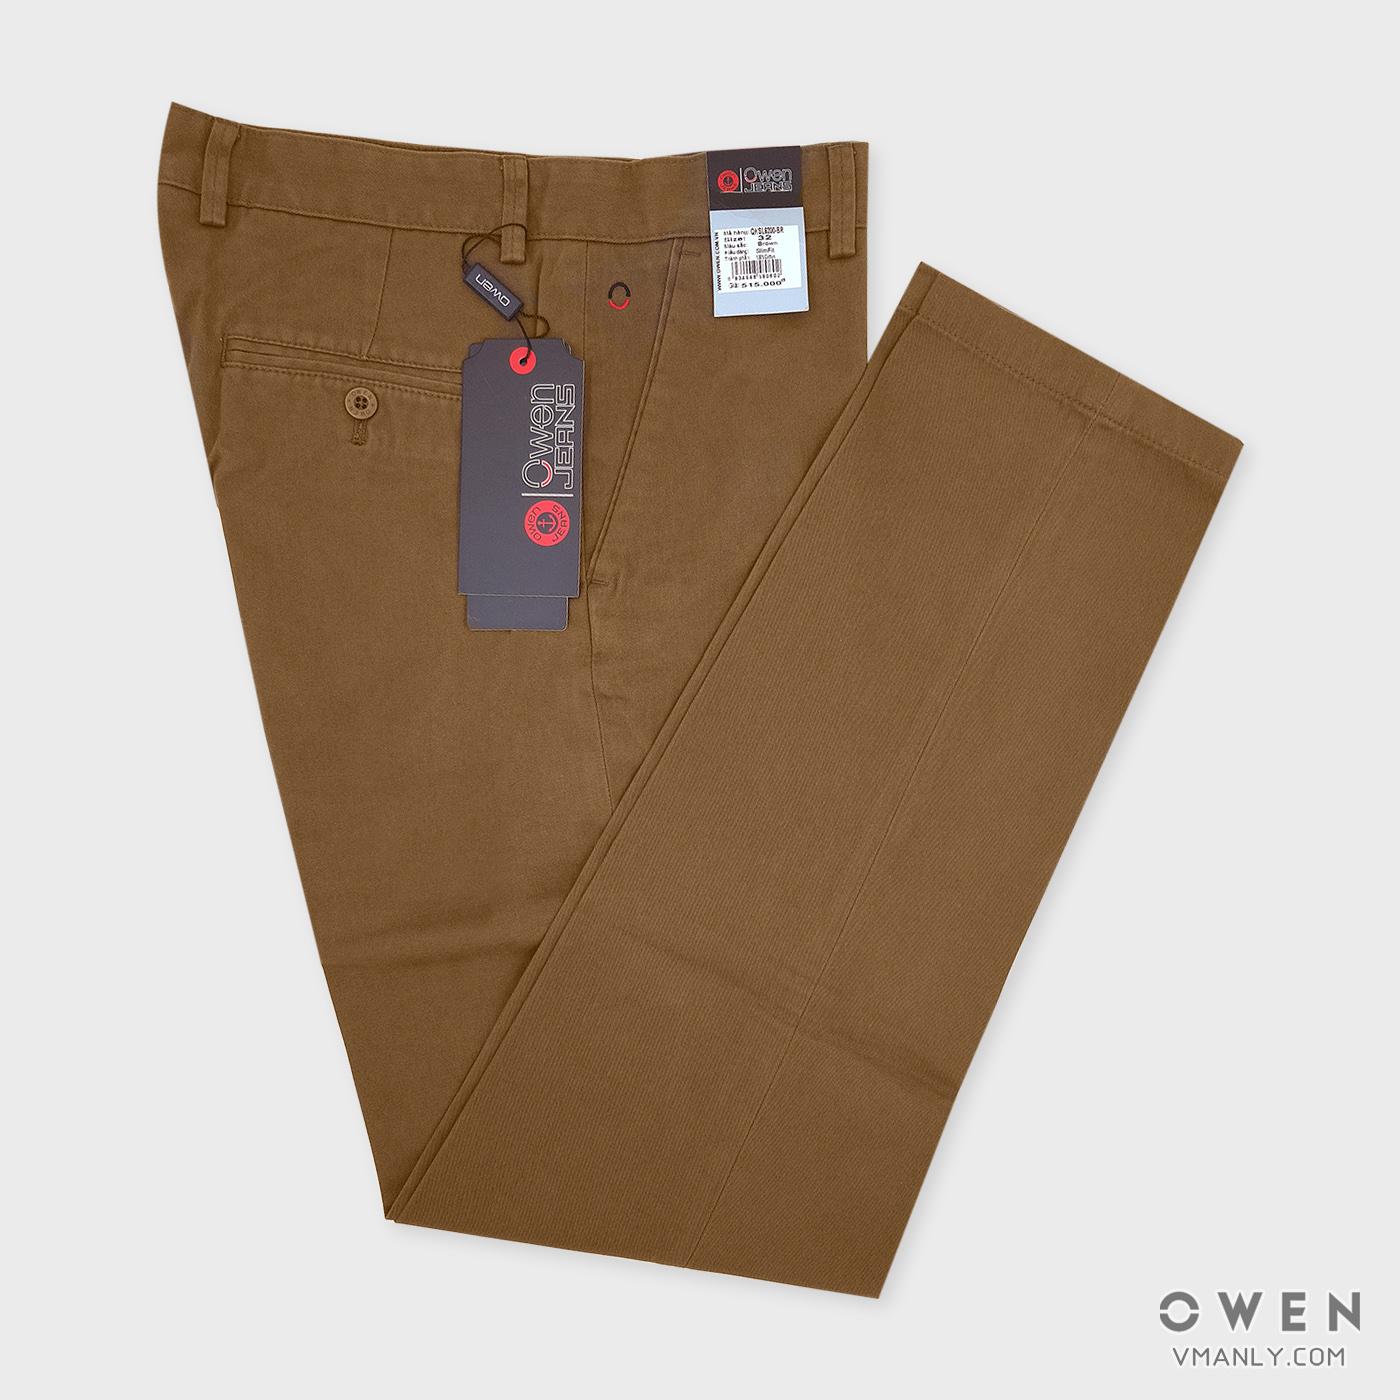 Quần kaki Owen không li slimfit  màu nâu QKSL6200